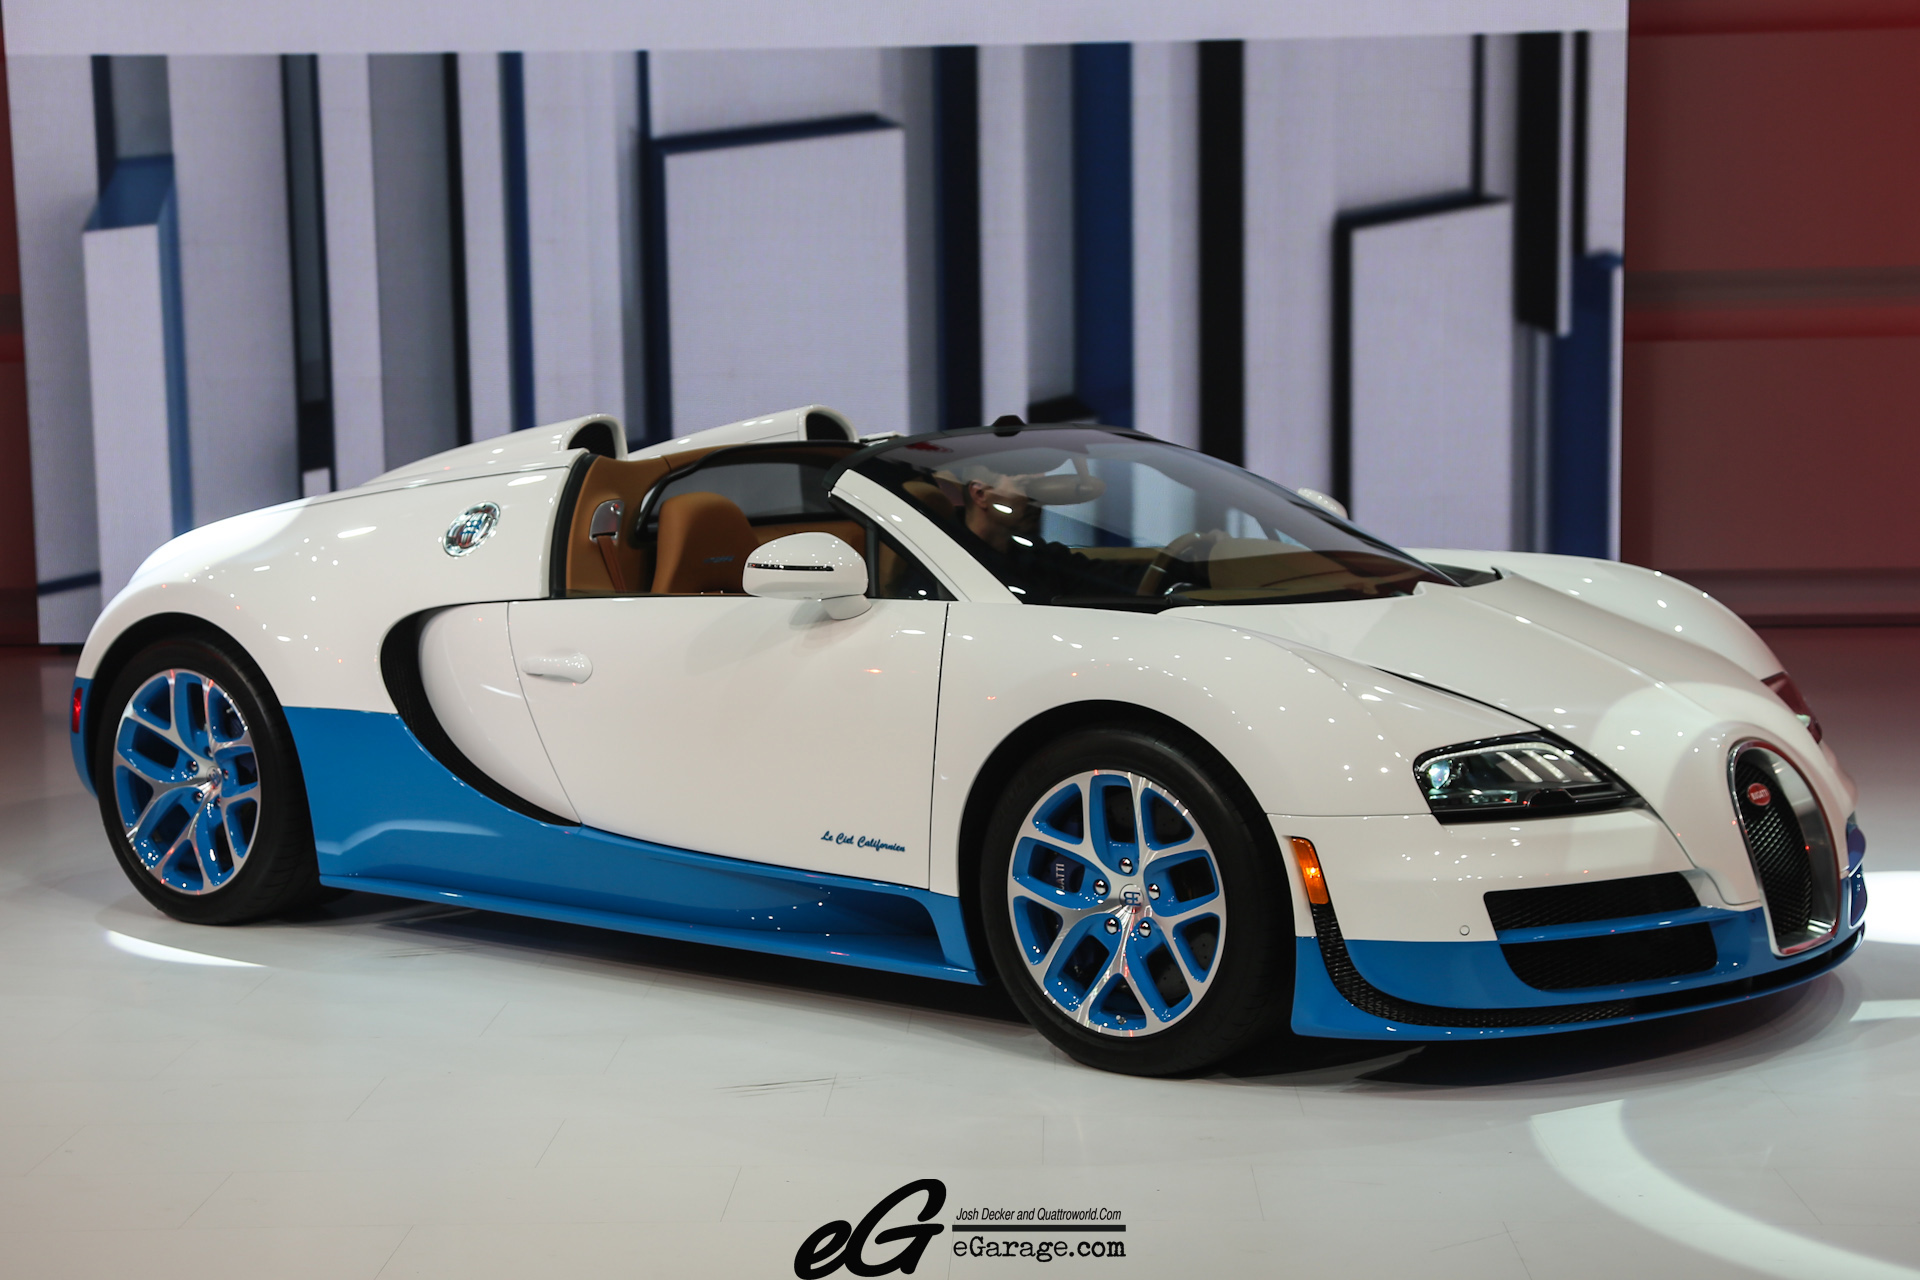 8030380856 1ba44f7f0a o 2012 Paris Motor Show